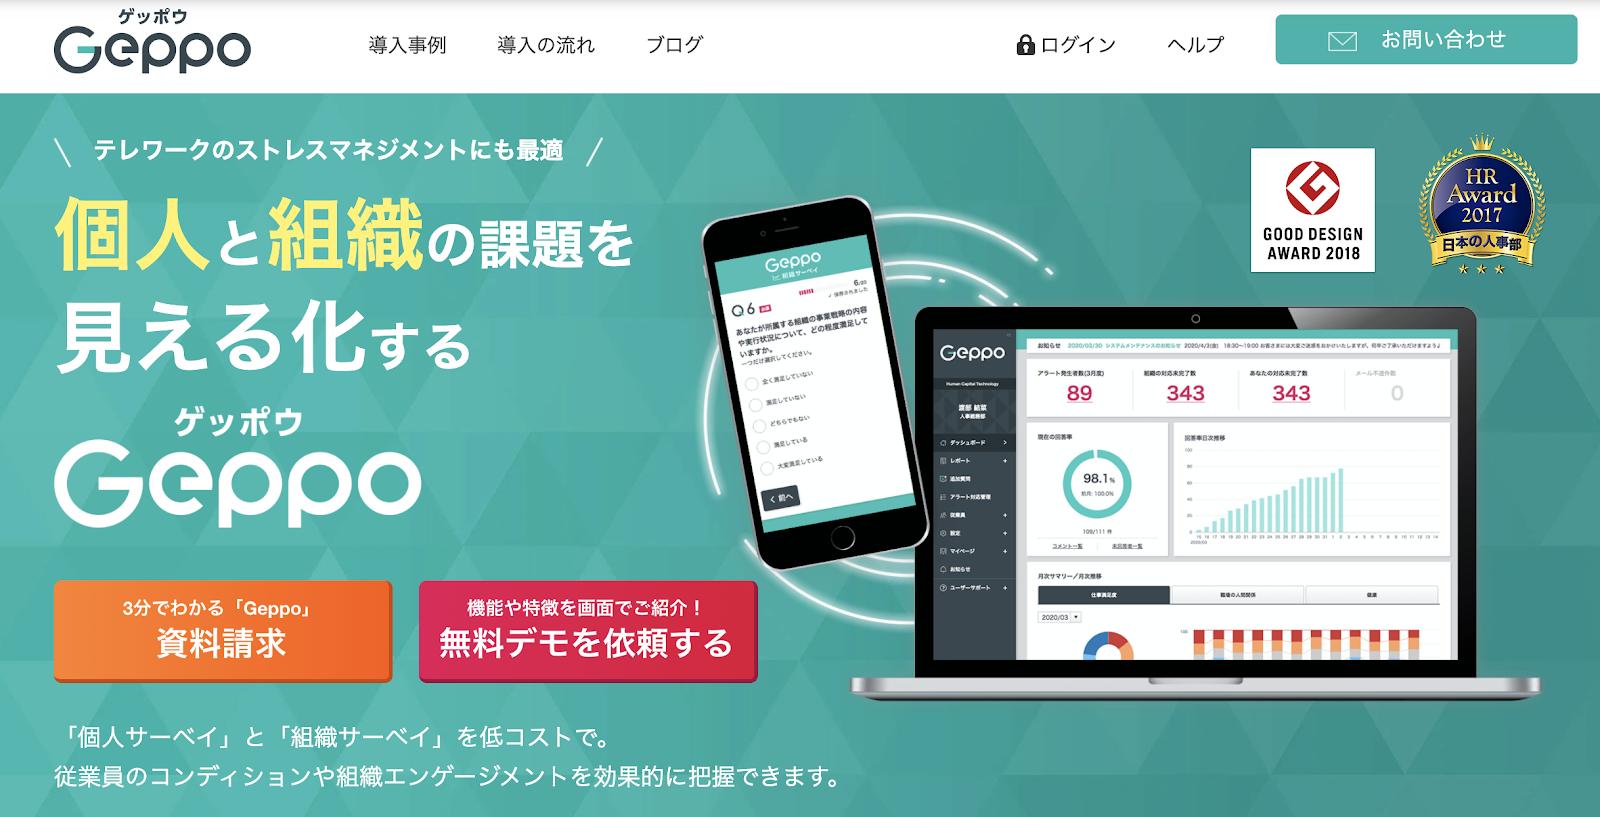 geppo公式サイト画像